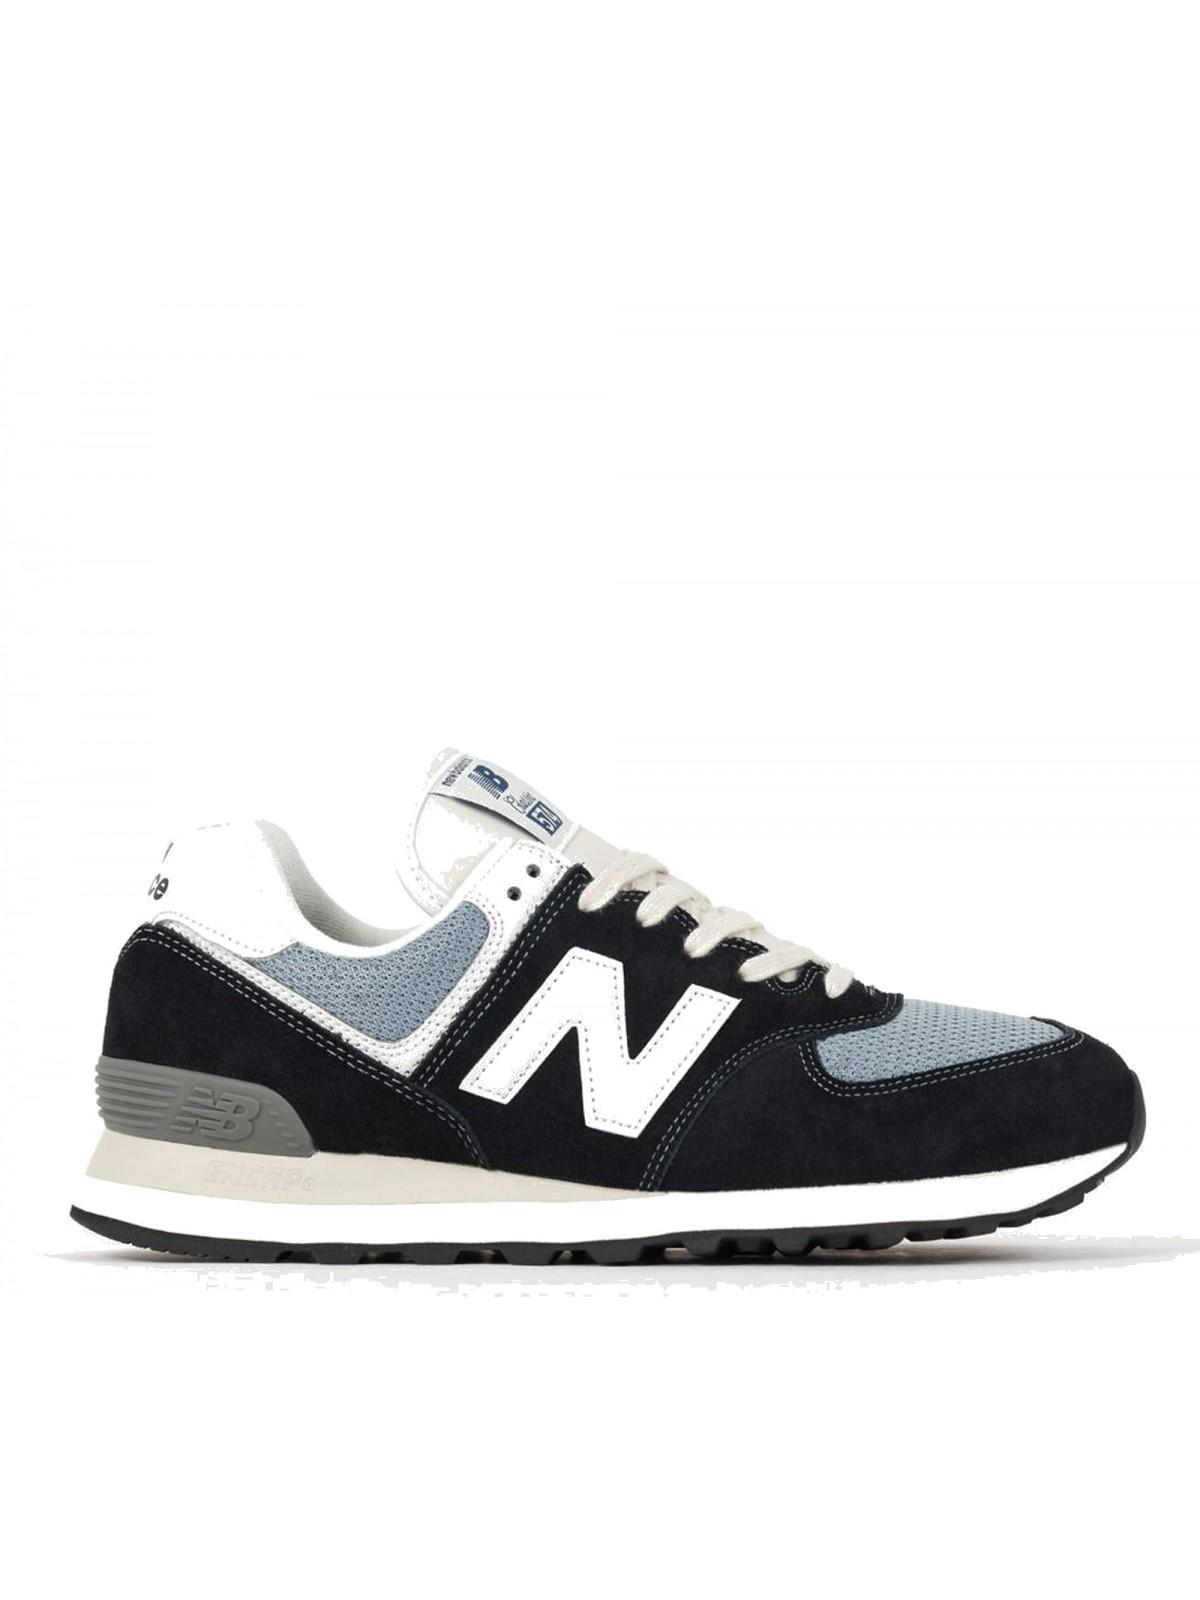 New Balance ML574 noir / gris